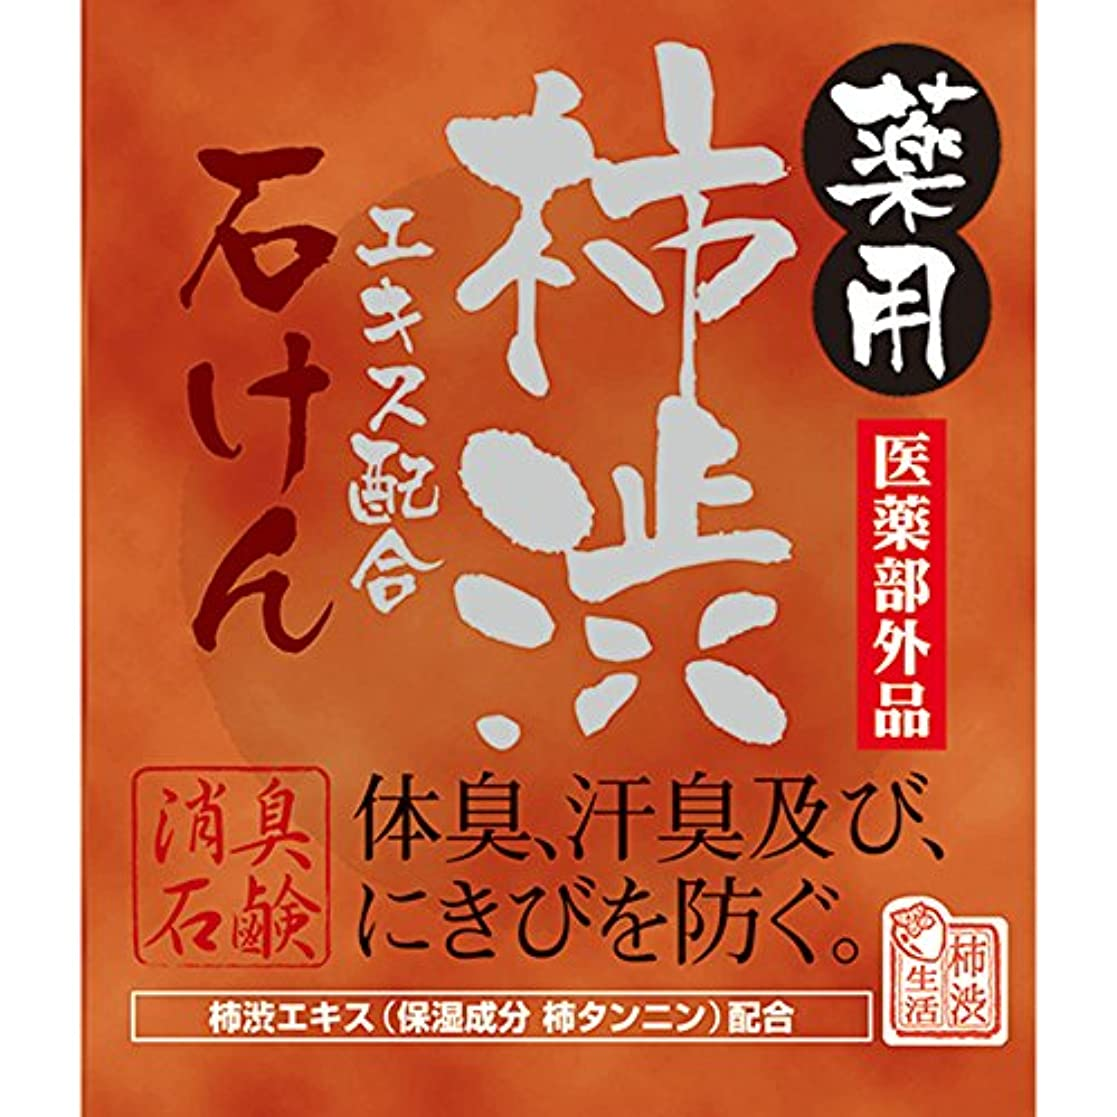 ゴミ思慮のないダウンタウン薬用柿渋石けん 100g